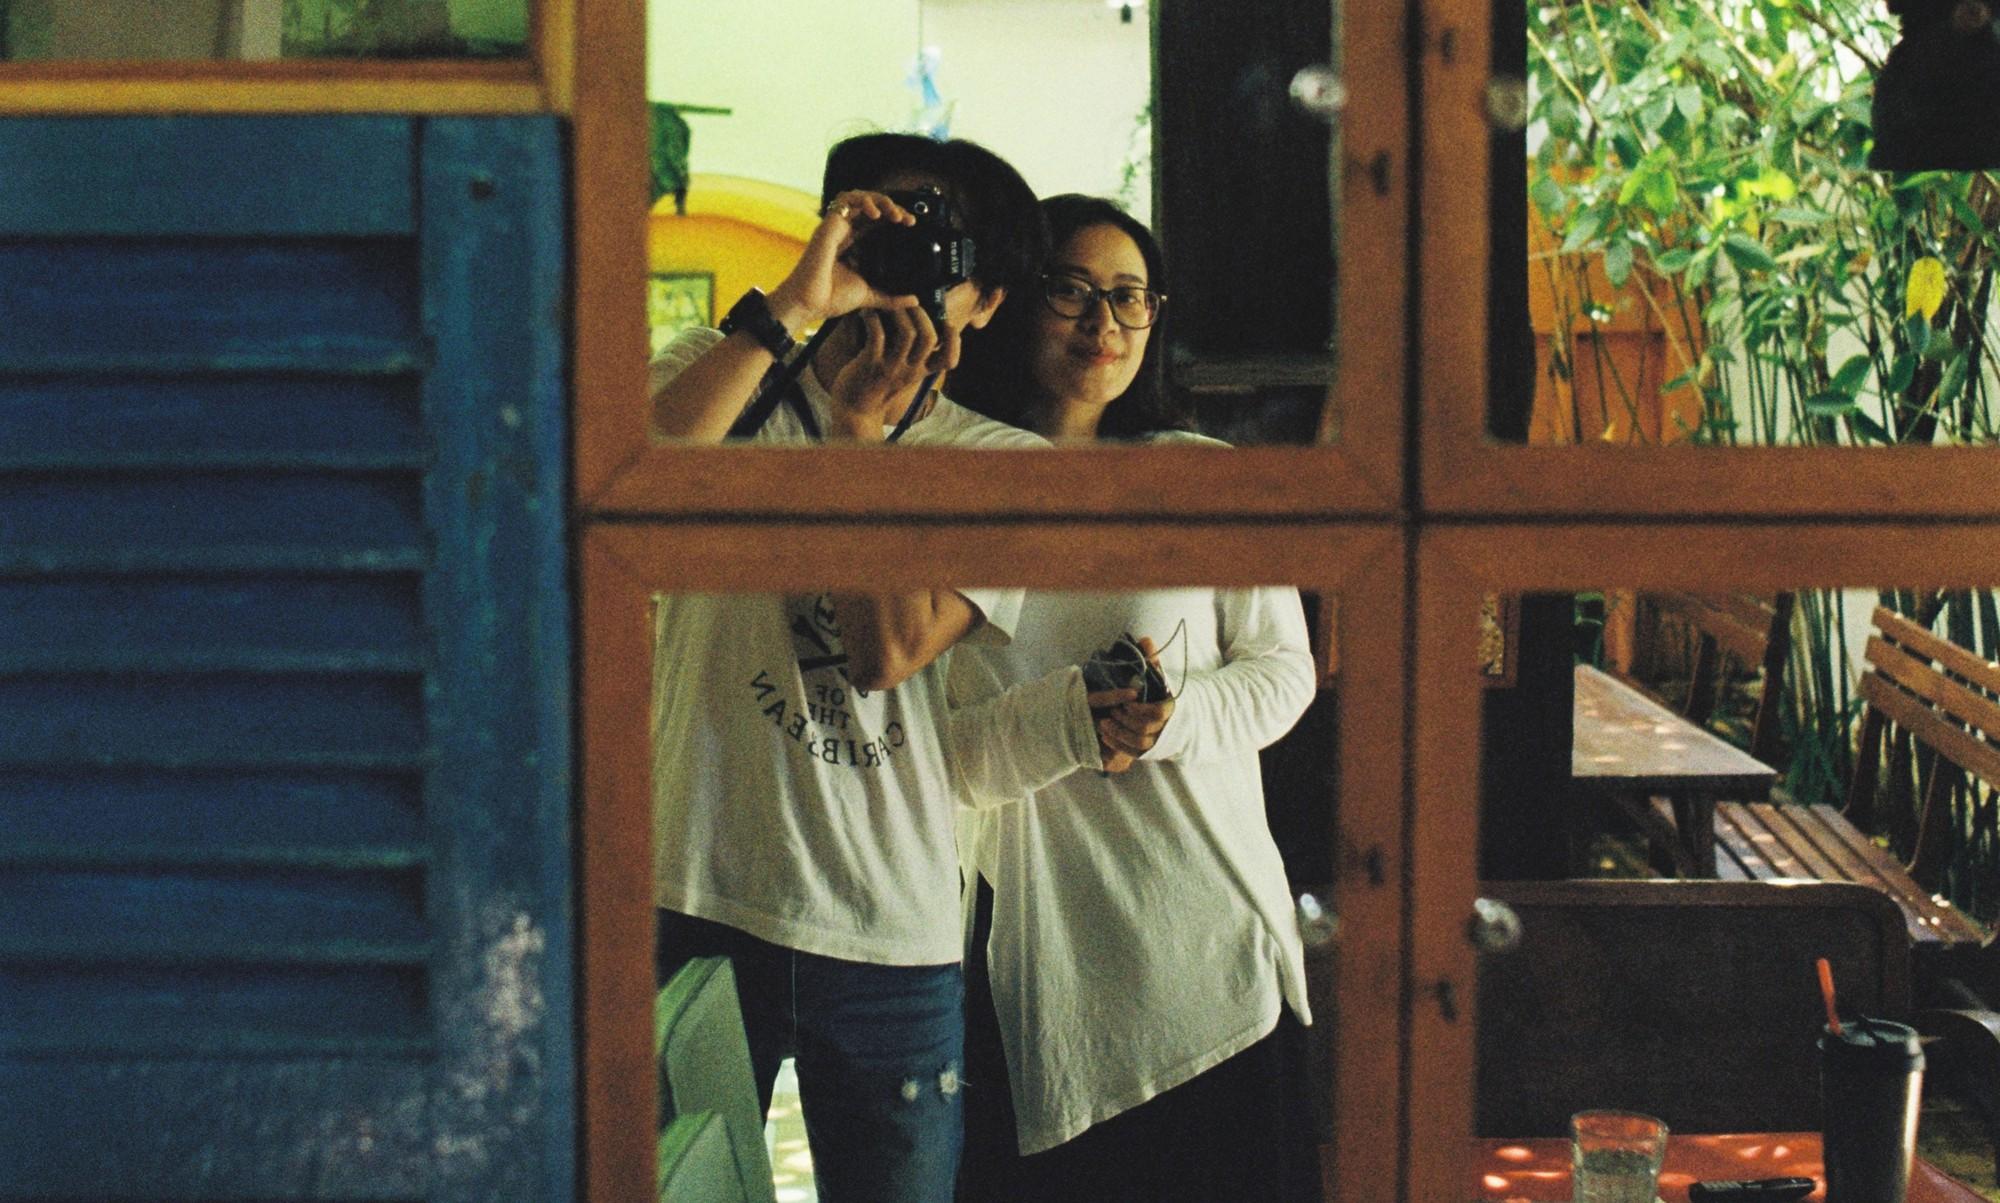 MC Phí Linh: Linh đẹp, Linh giàu có và Linh... đang nhâm nhi rượu vang - Ảnh 1.